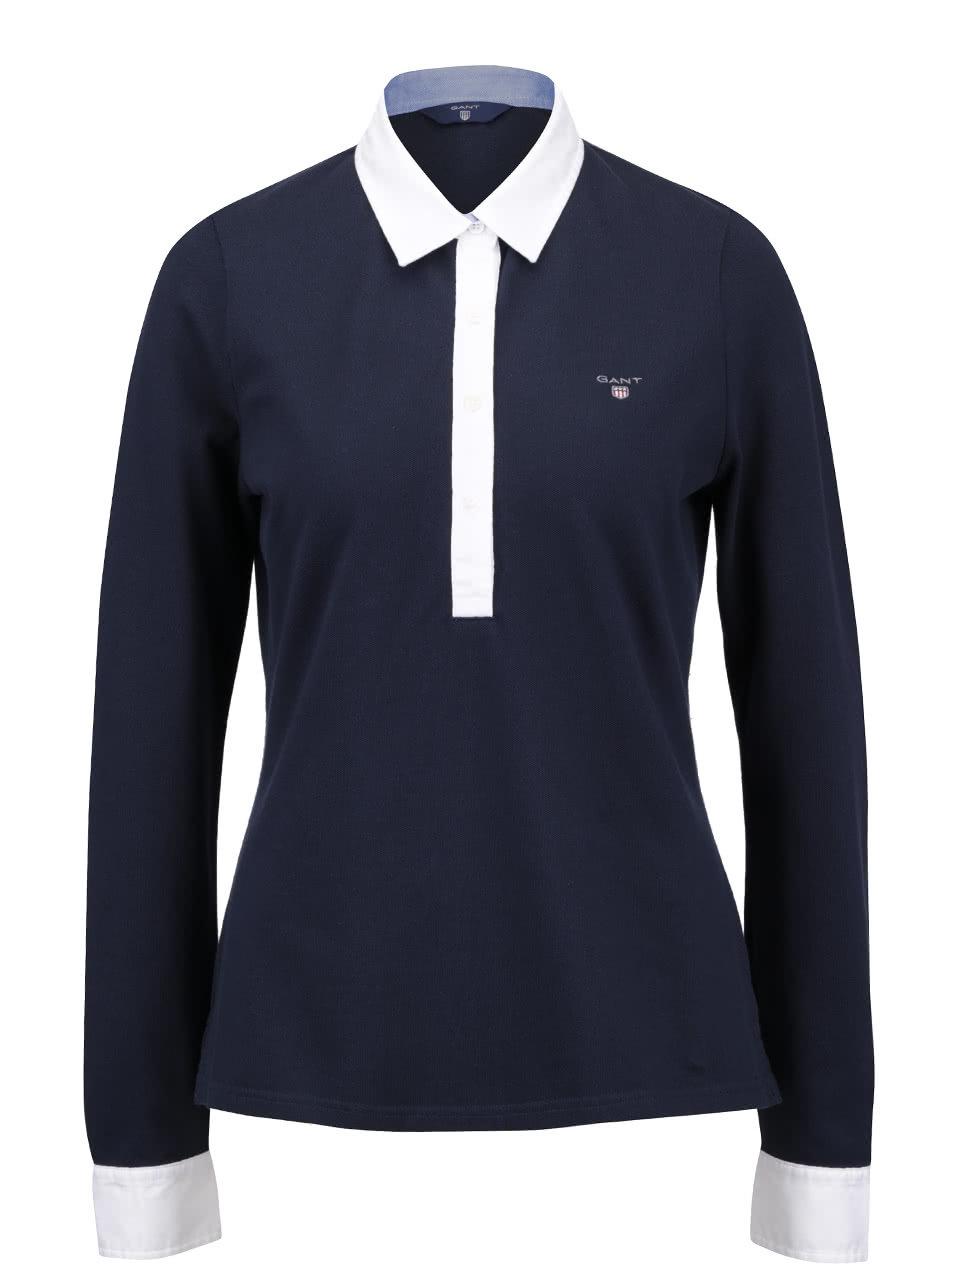 f9f387a0052 Tmavě modré dámské polo tričko s dlouhým rukávem GANT ...